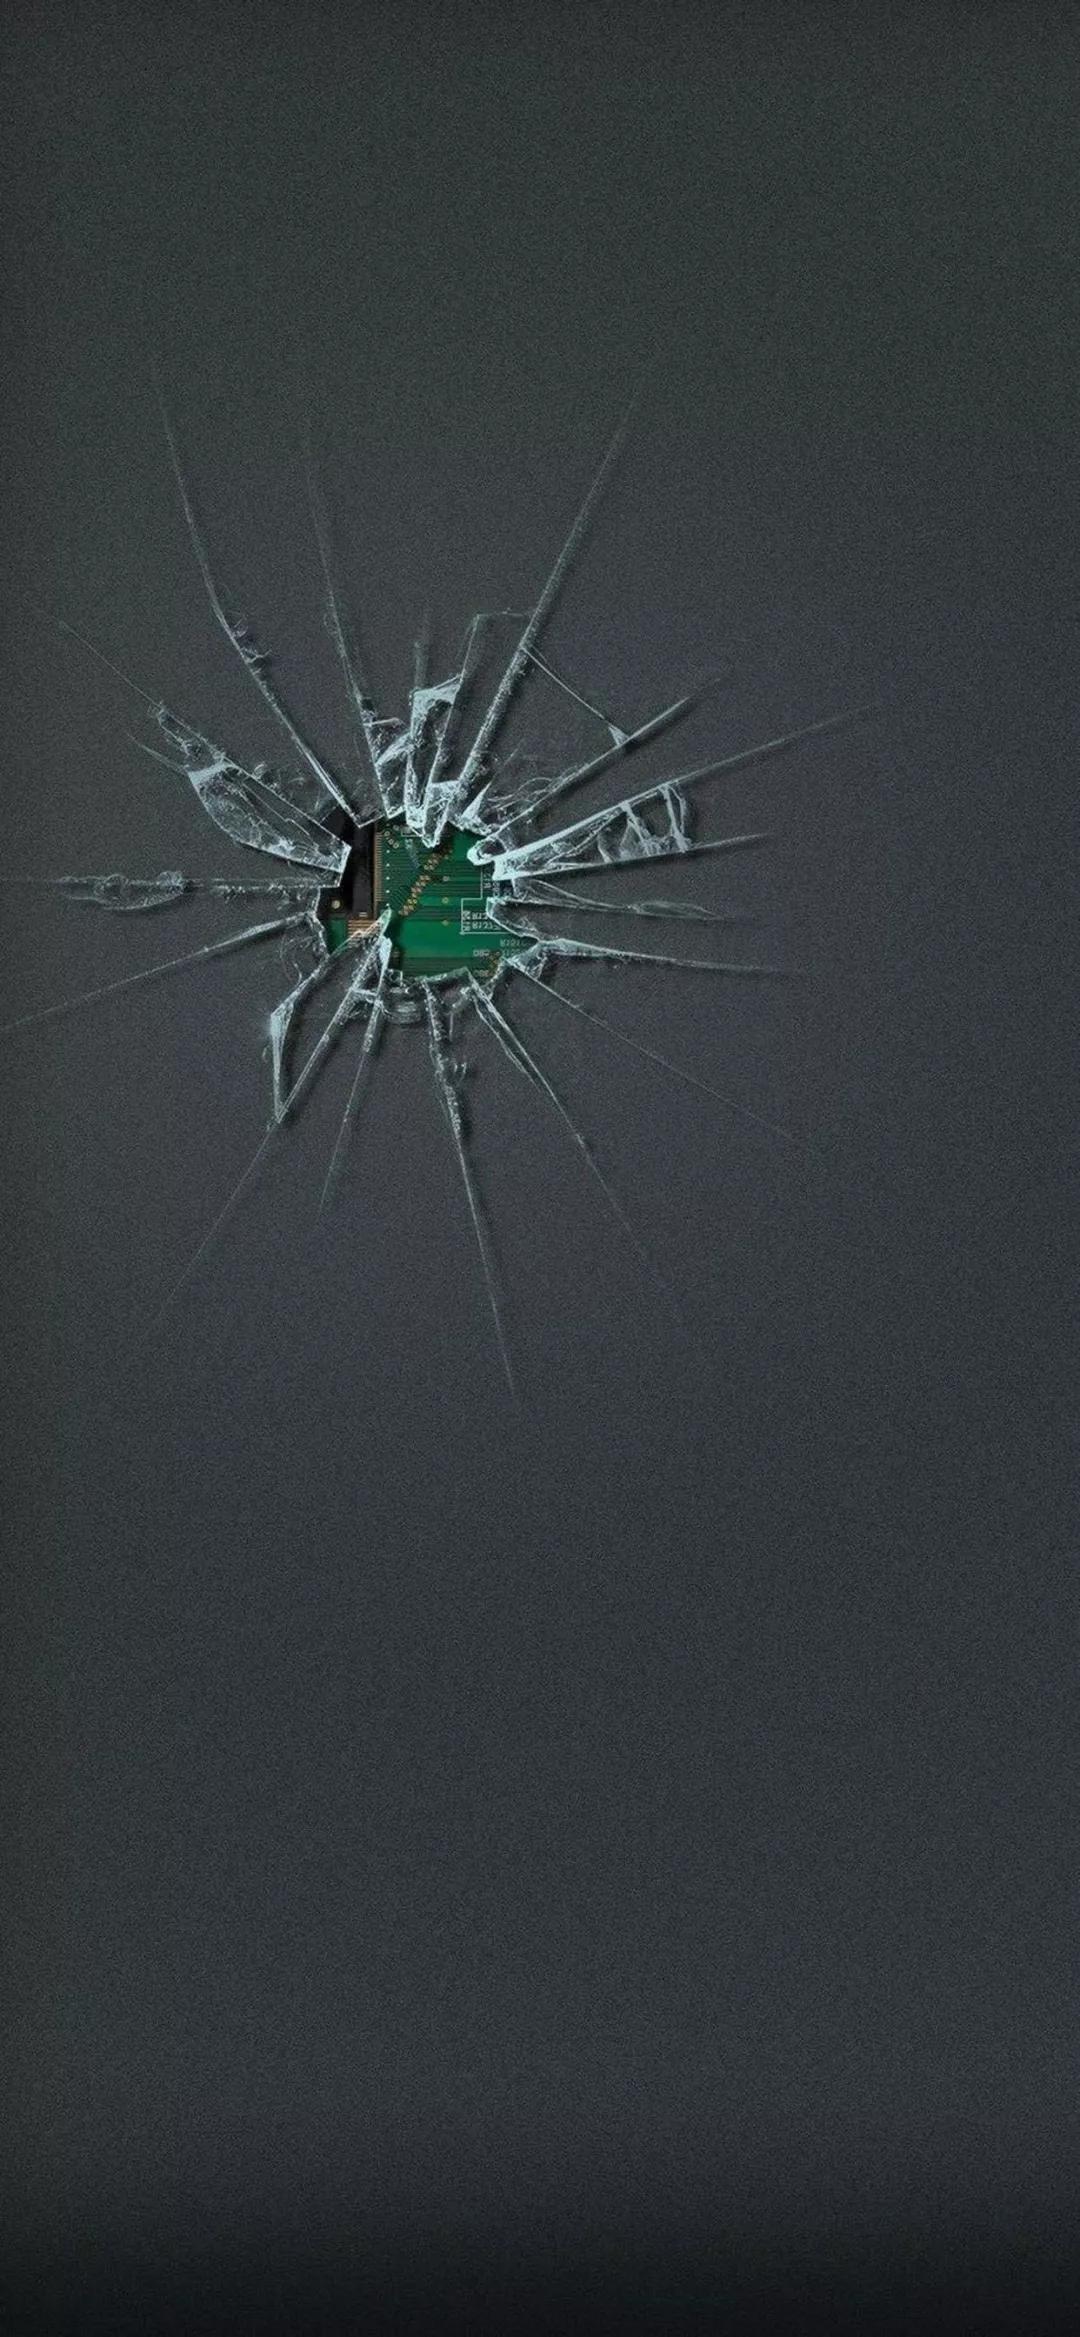 iphone锁屏壁纸尺寸_iPhone碎屏壁纸高清无水印 30张以假乱真碎屏锁屏壁纸大全 - iPhone ...